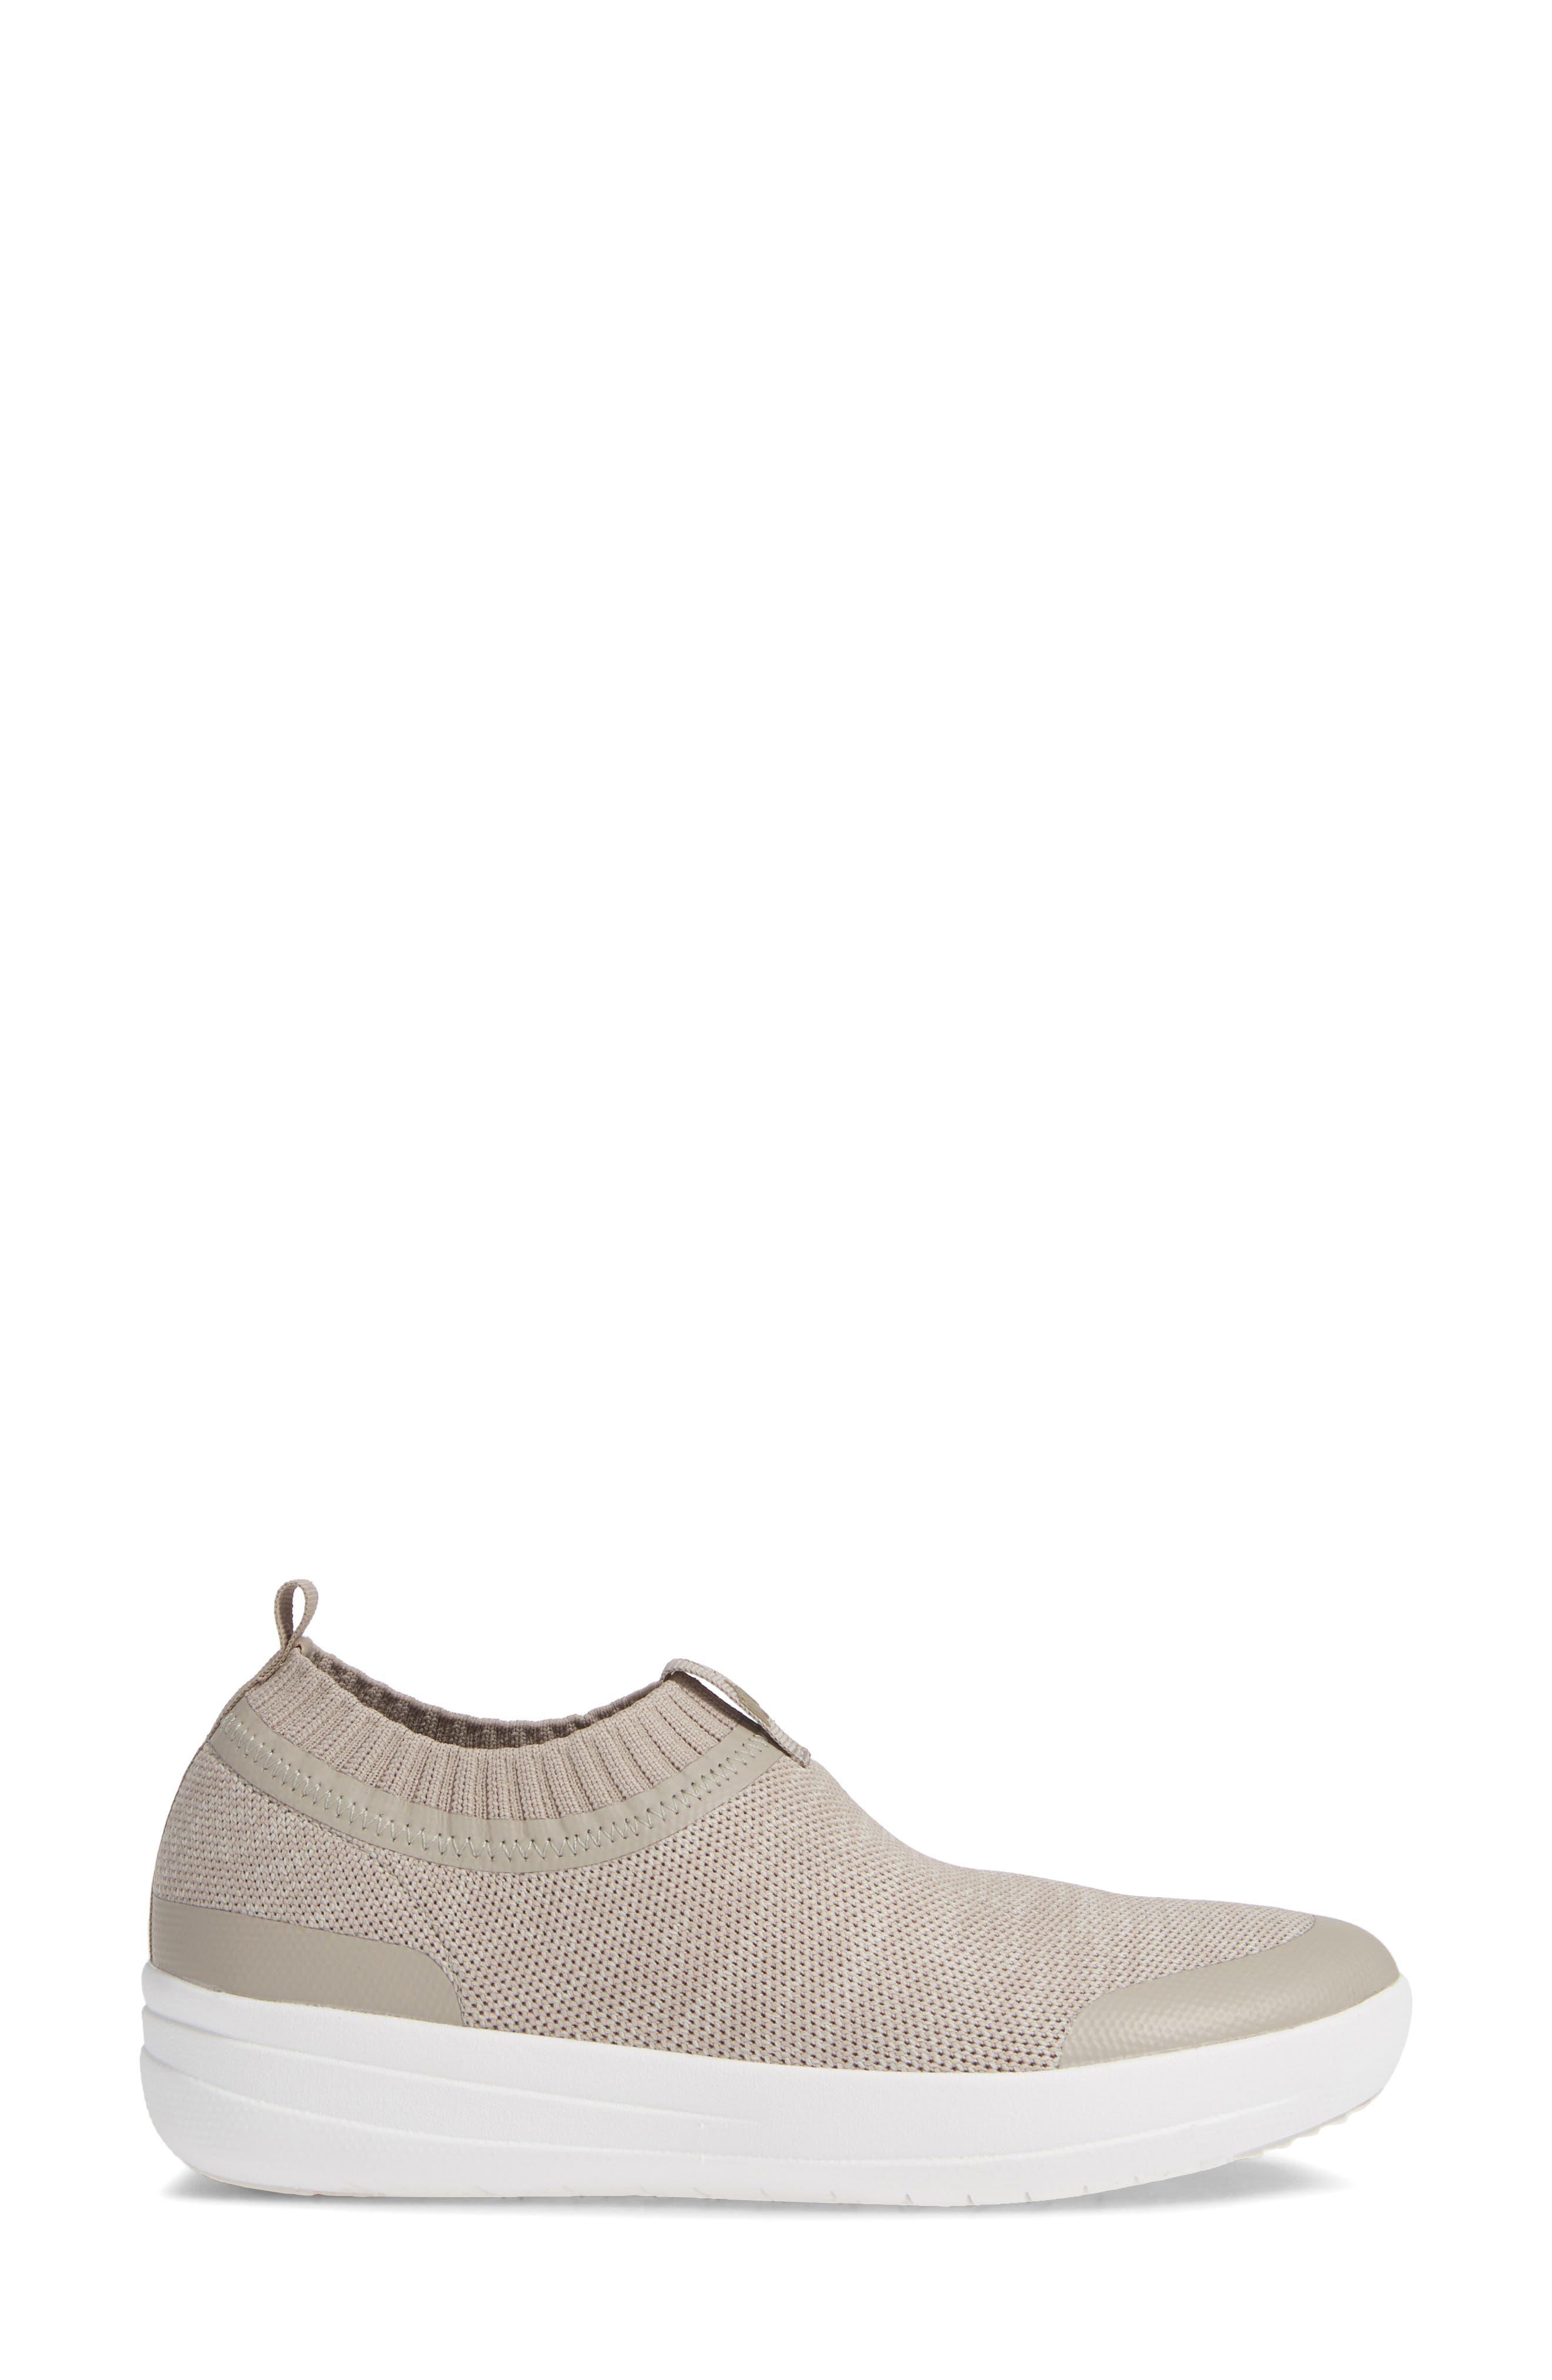 FITFLOP, Uberknit Slip-On Sneaker, Alternate thumbnail 3, color, 256